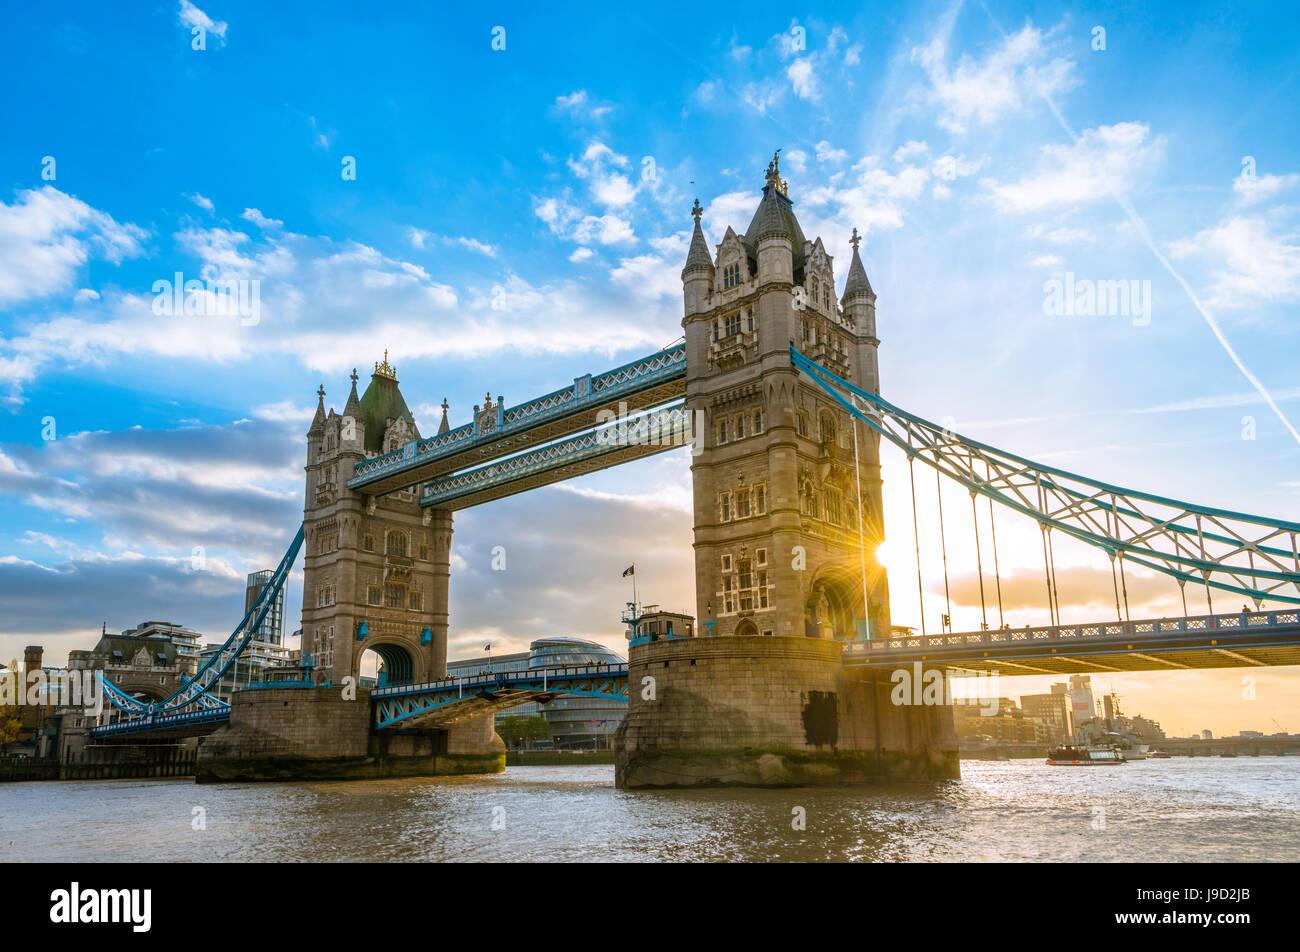 Tower Bridge sur la Tamise au coucher du soleil, Londres, Angleterre, Royaume-Uni Photo Stock